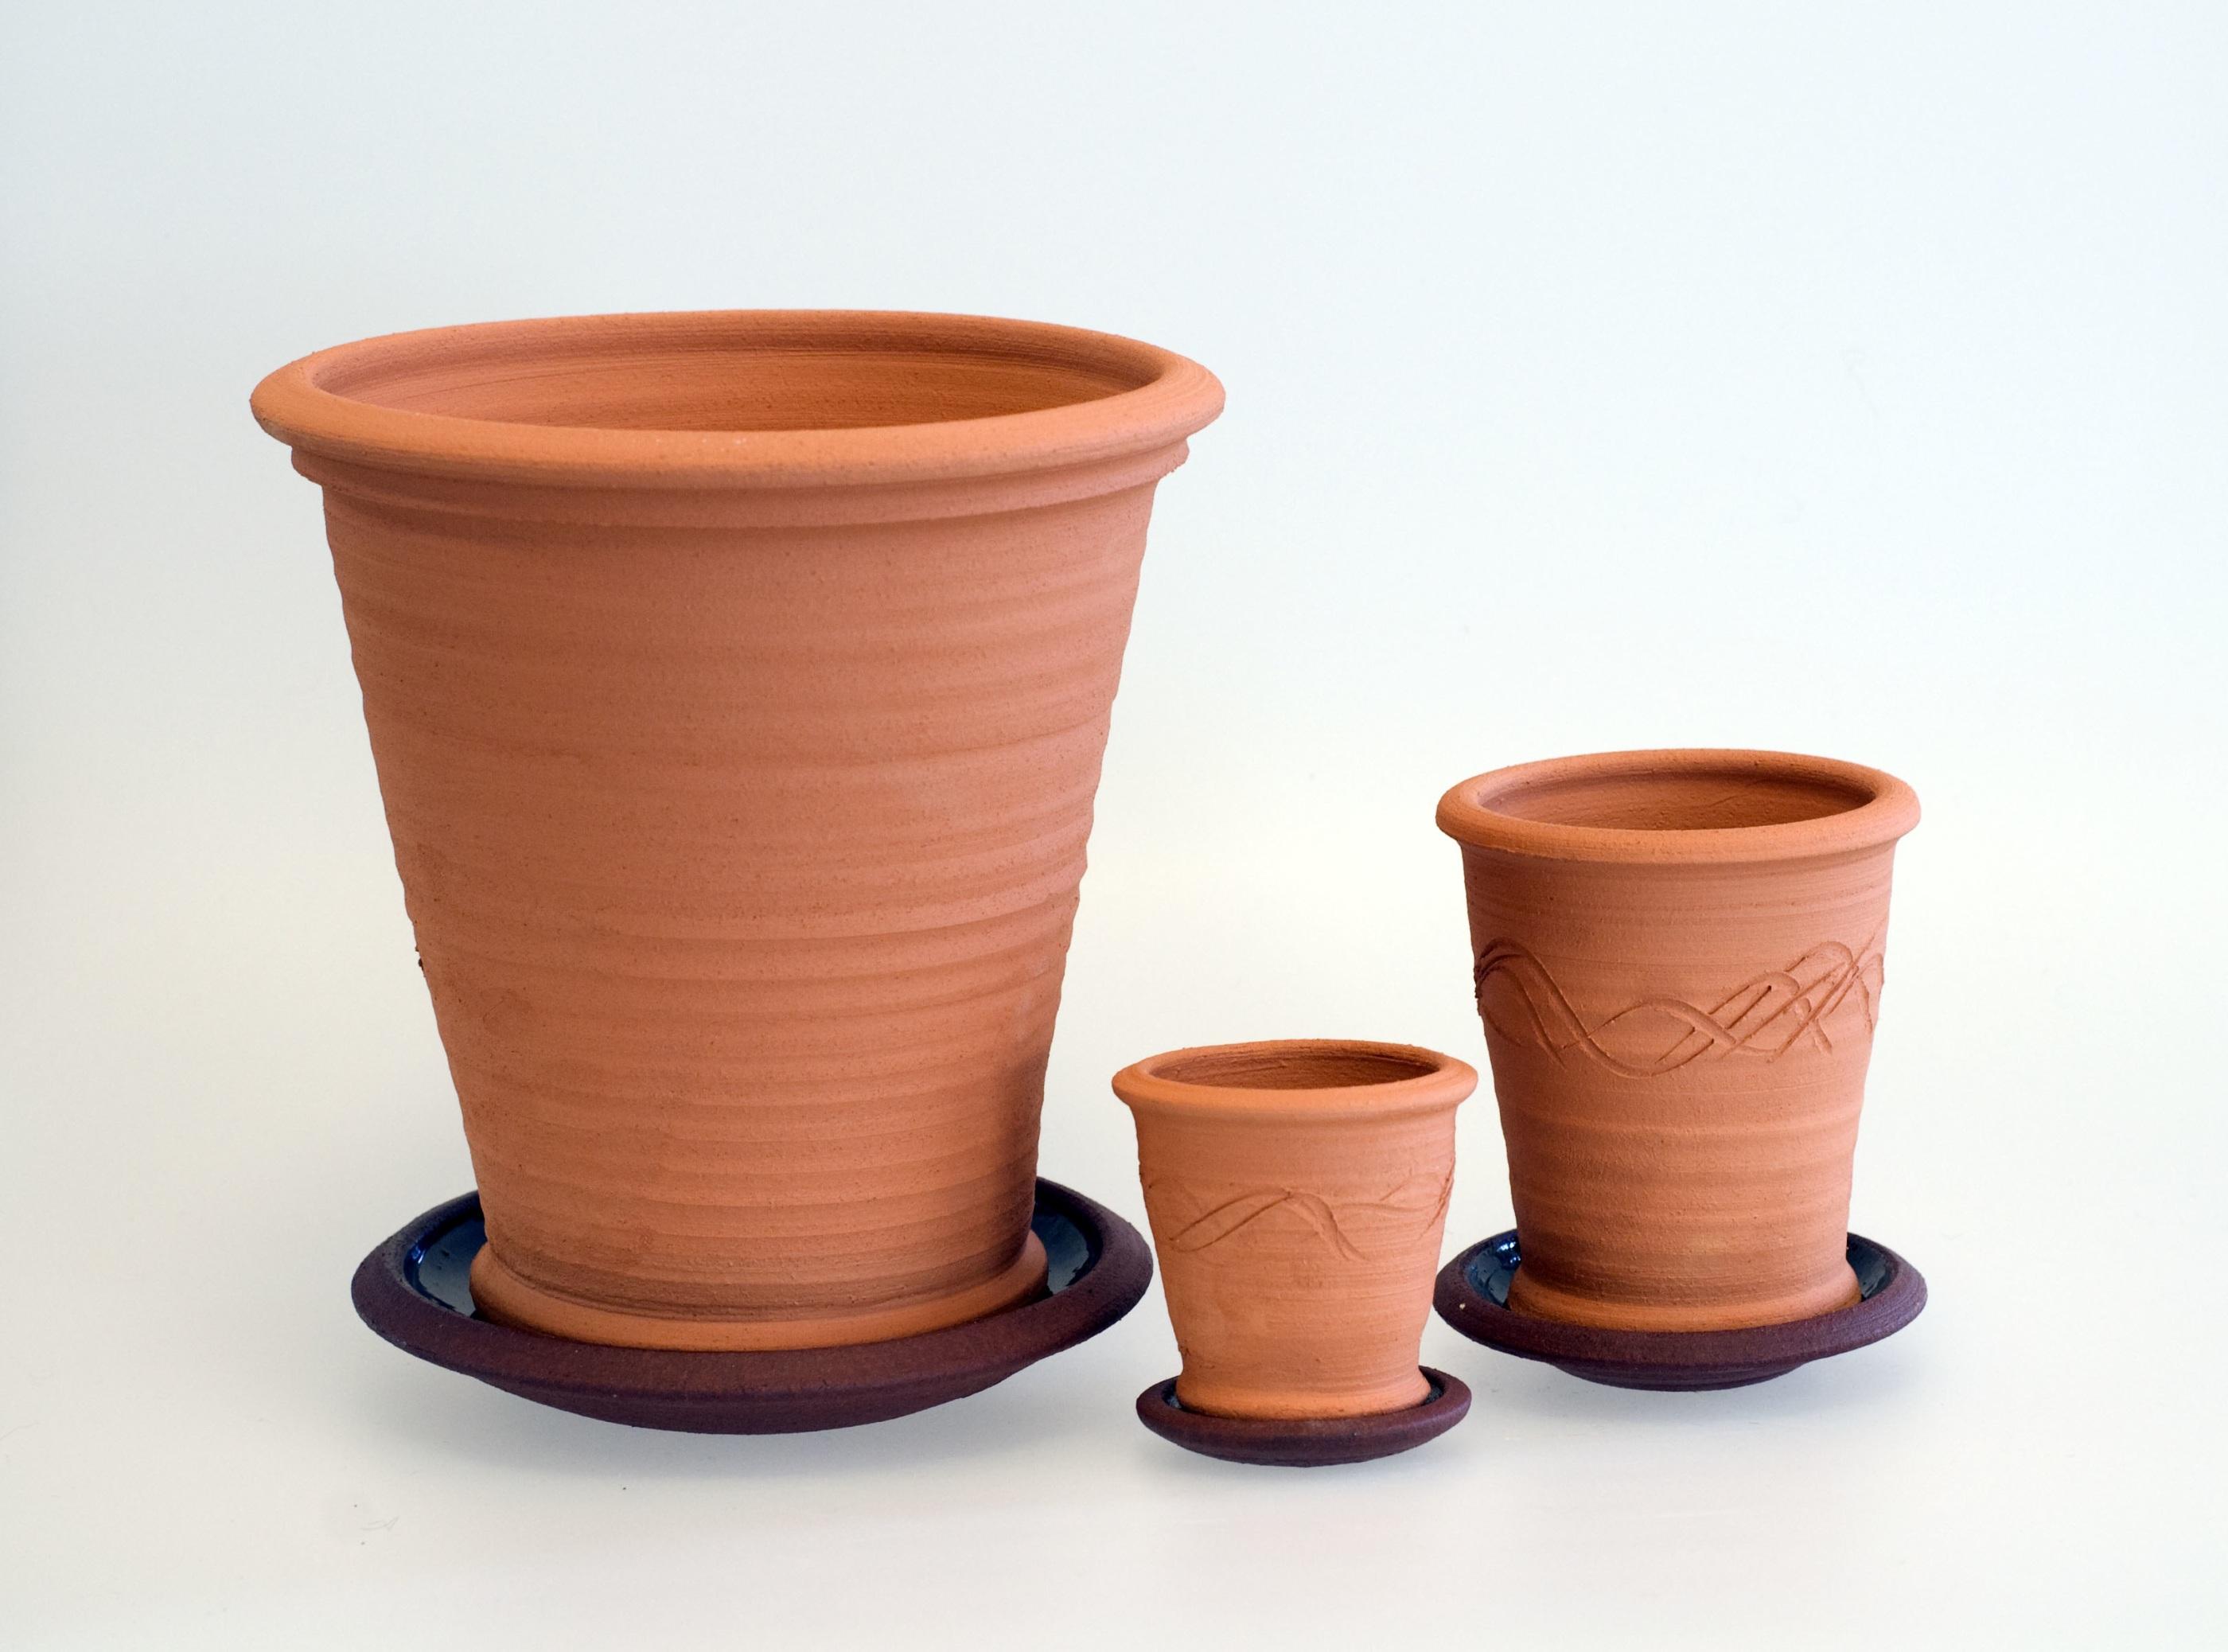 Terracottakrukor